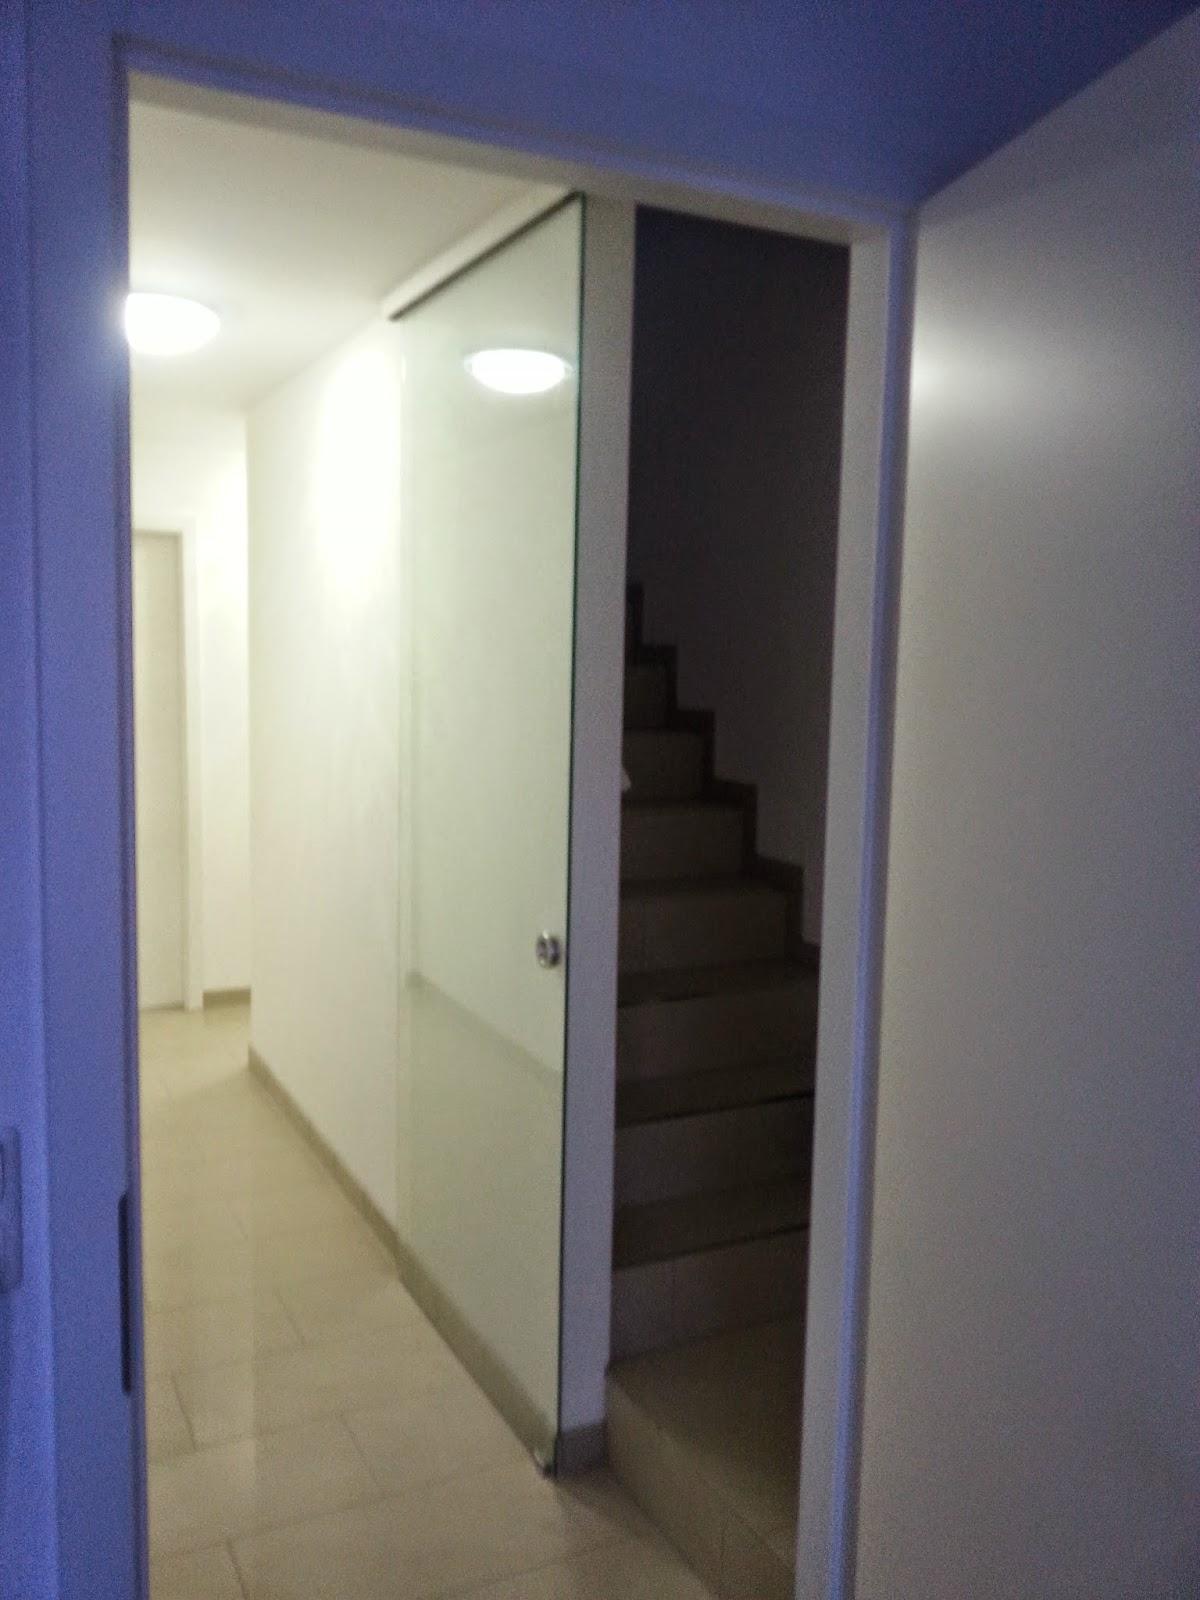 ein haus entsteht irgendwann eventuell vielleicht das dachgeschoss hat eine t r. Black Bedroom Furniture Sets. Home Design Ideas